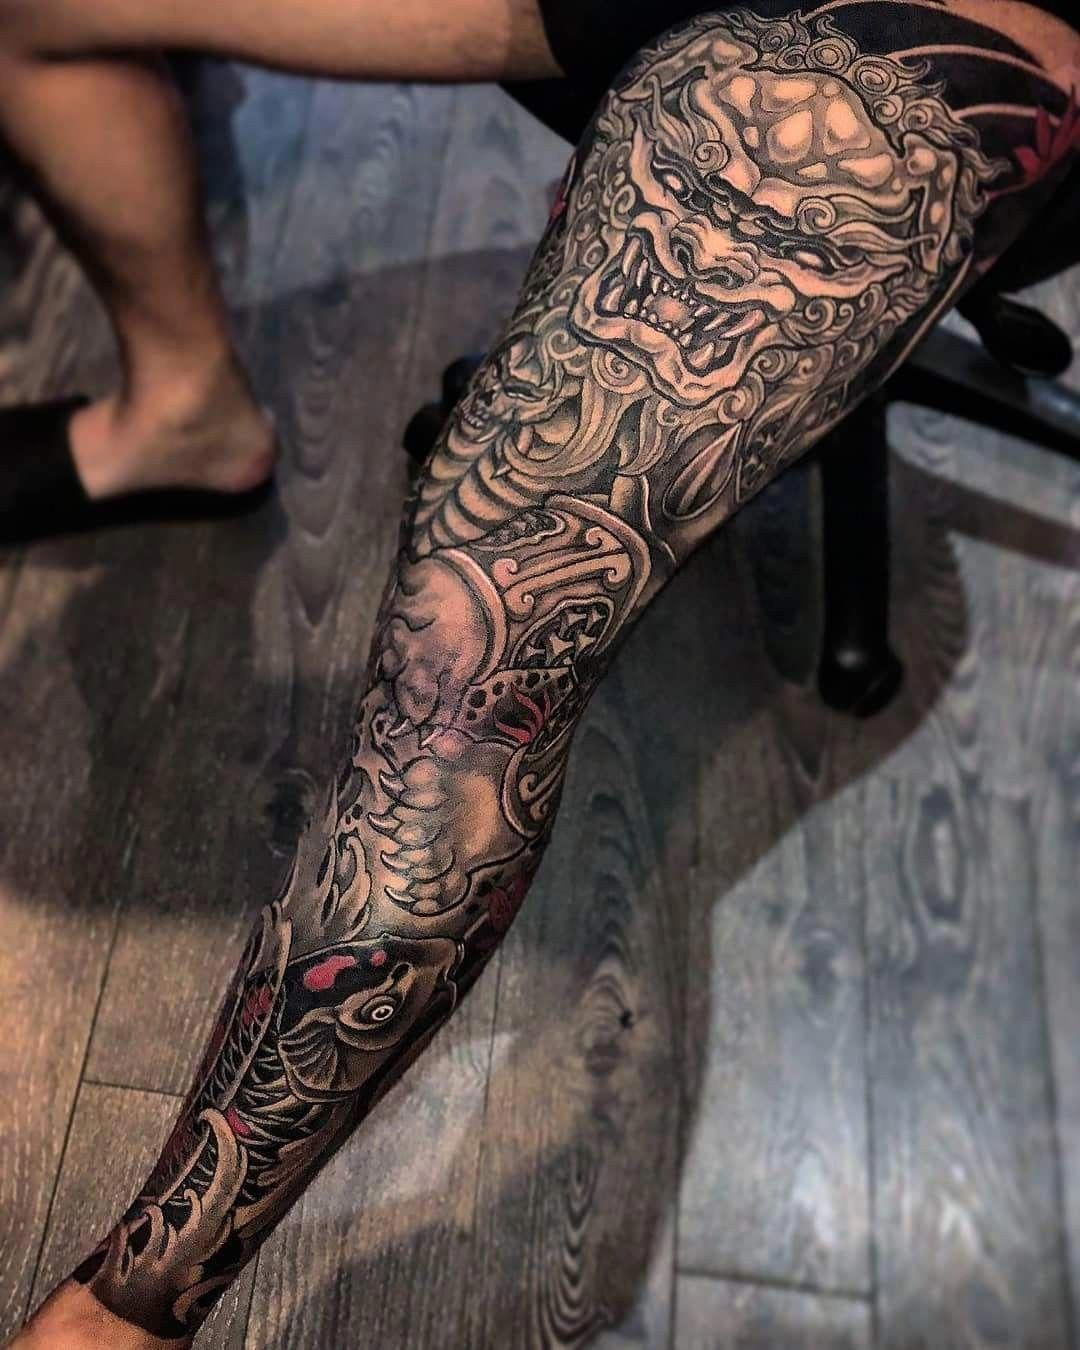 125 Best Leg Tattoos For Men Tatuagem Tatuagem Na Perna Tatuagem No Joelho